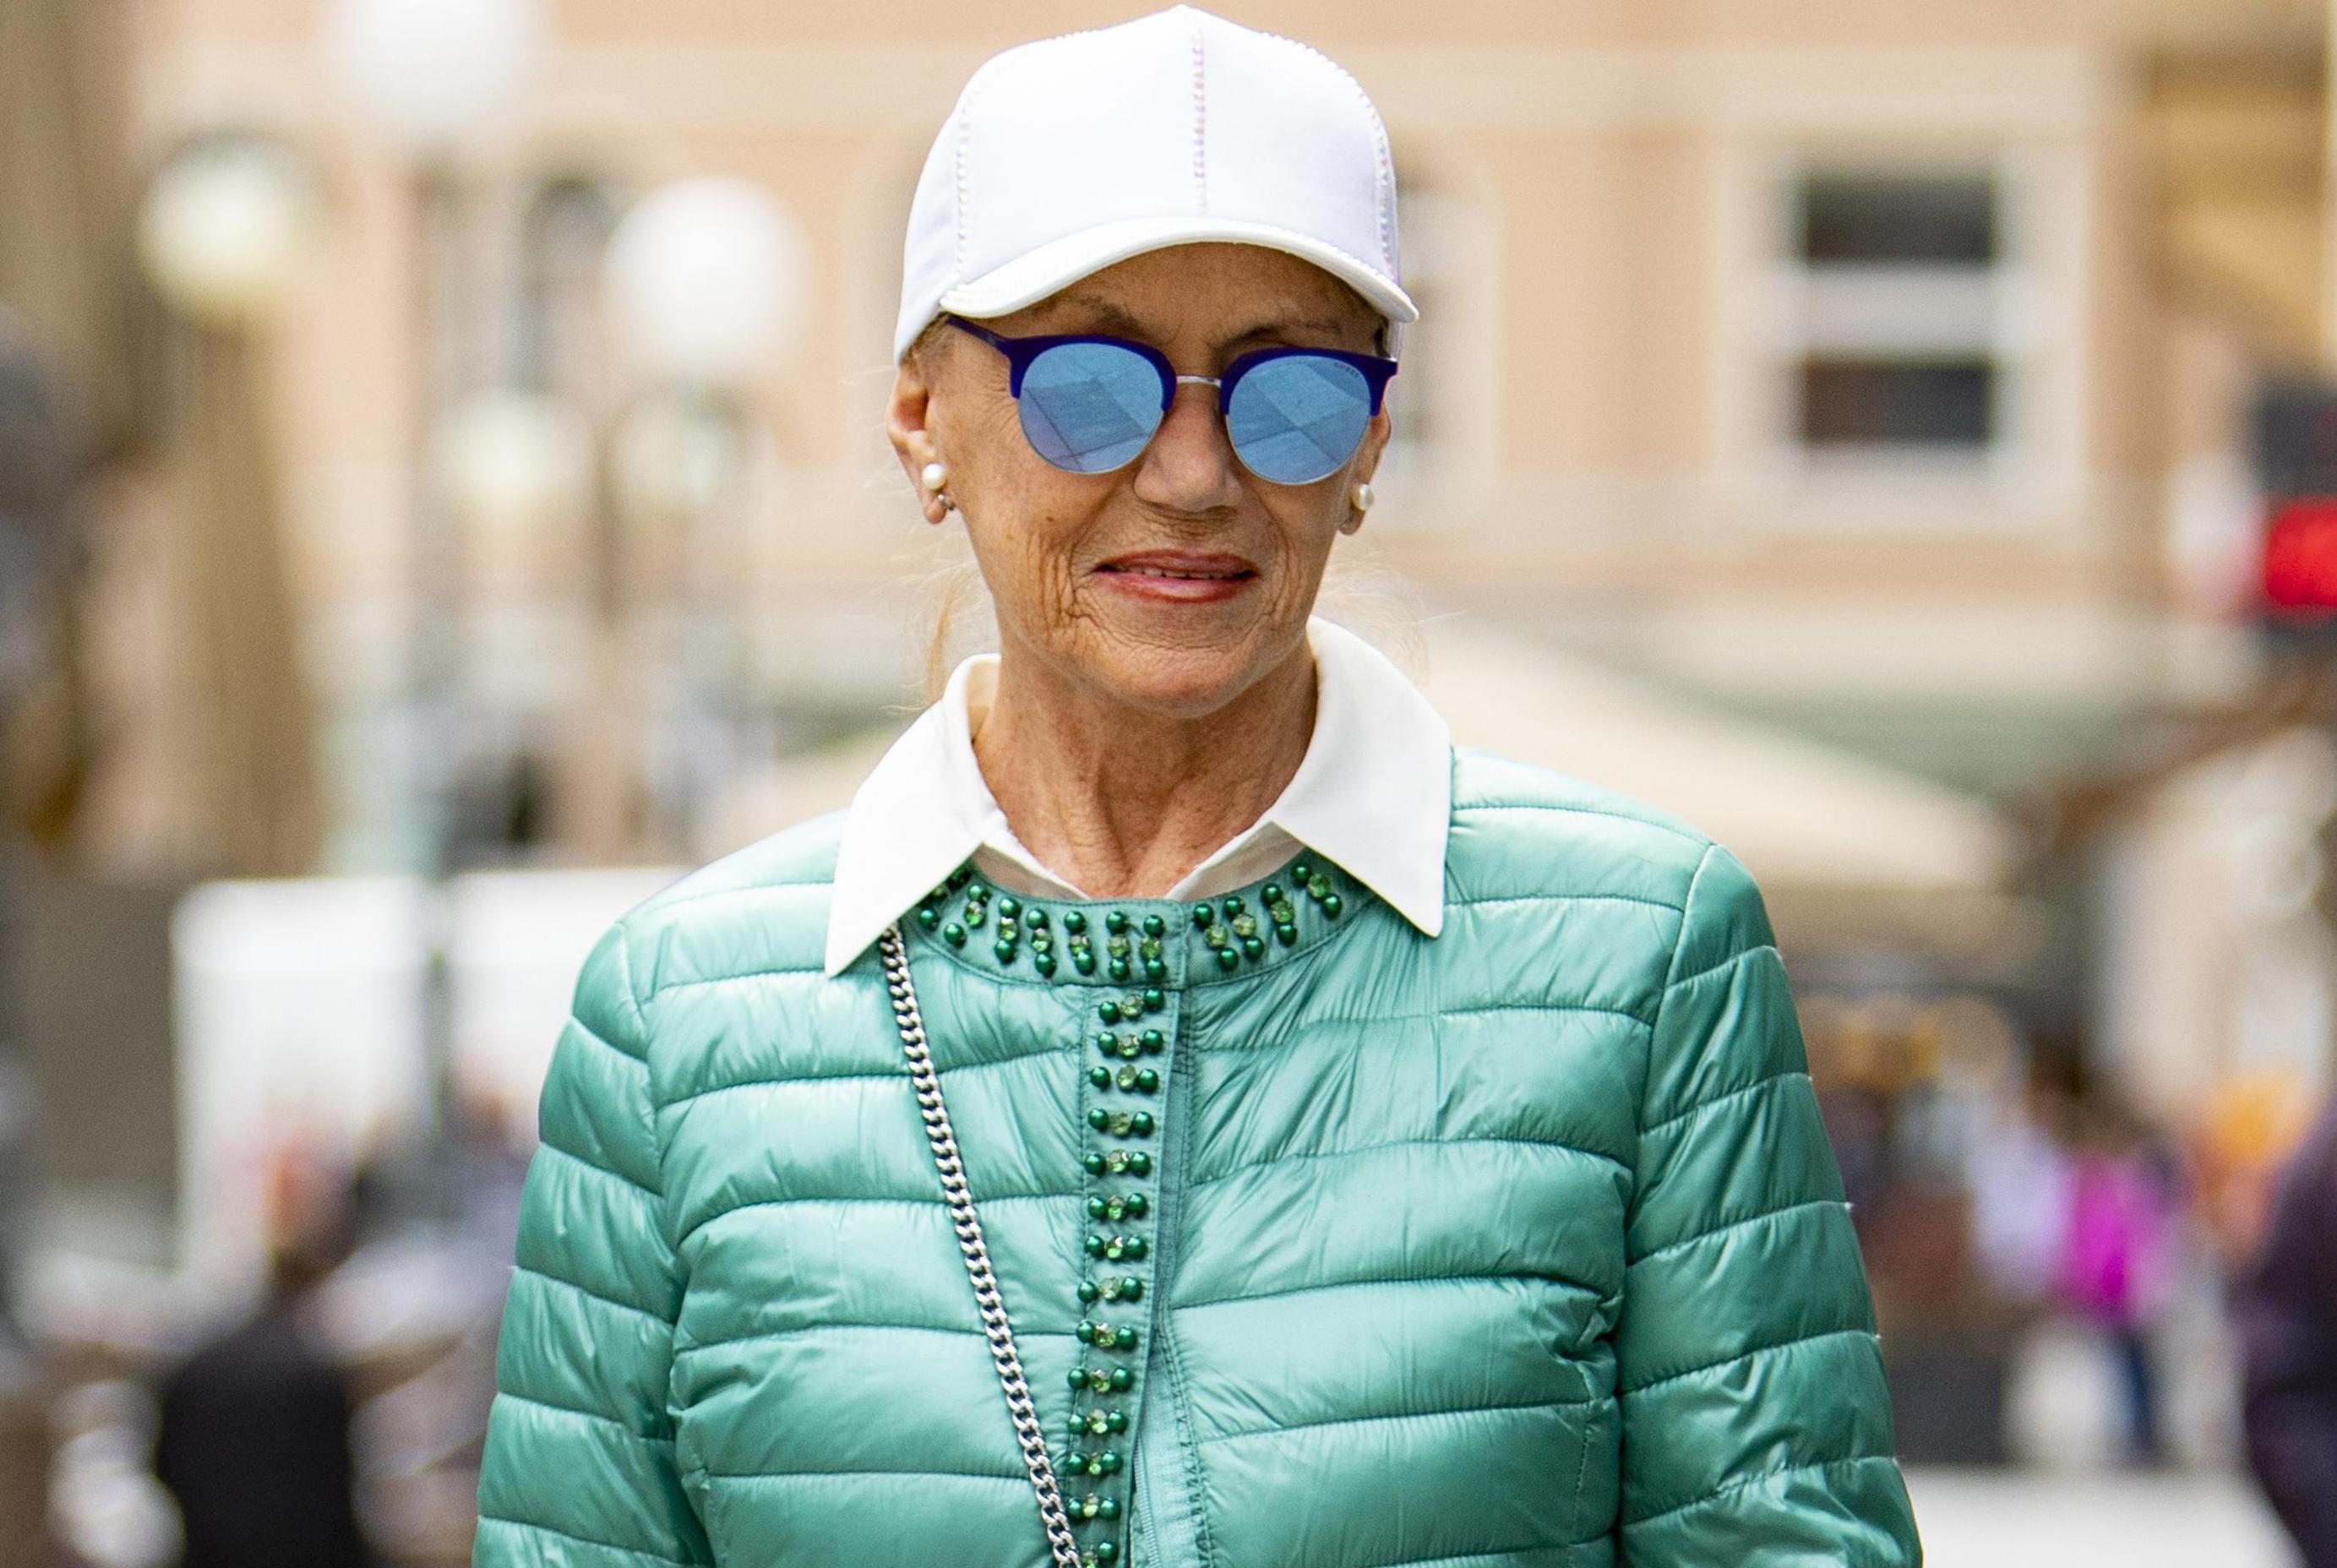 Stylish dama, koja nam je uvijek super inspiracija, opet nas je osvojila odličnim outfitom